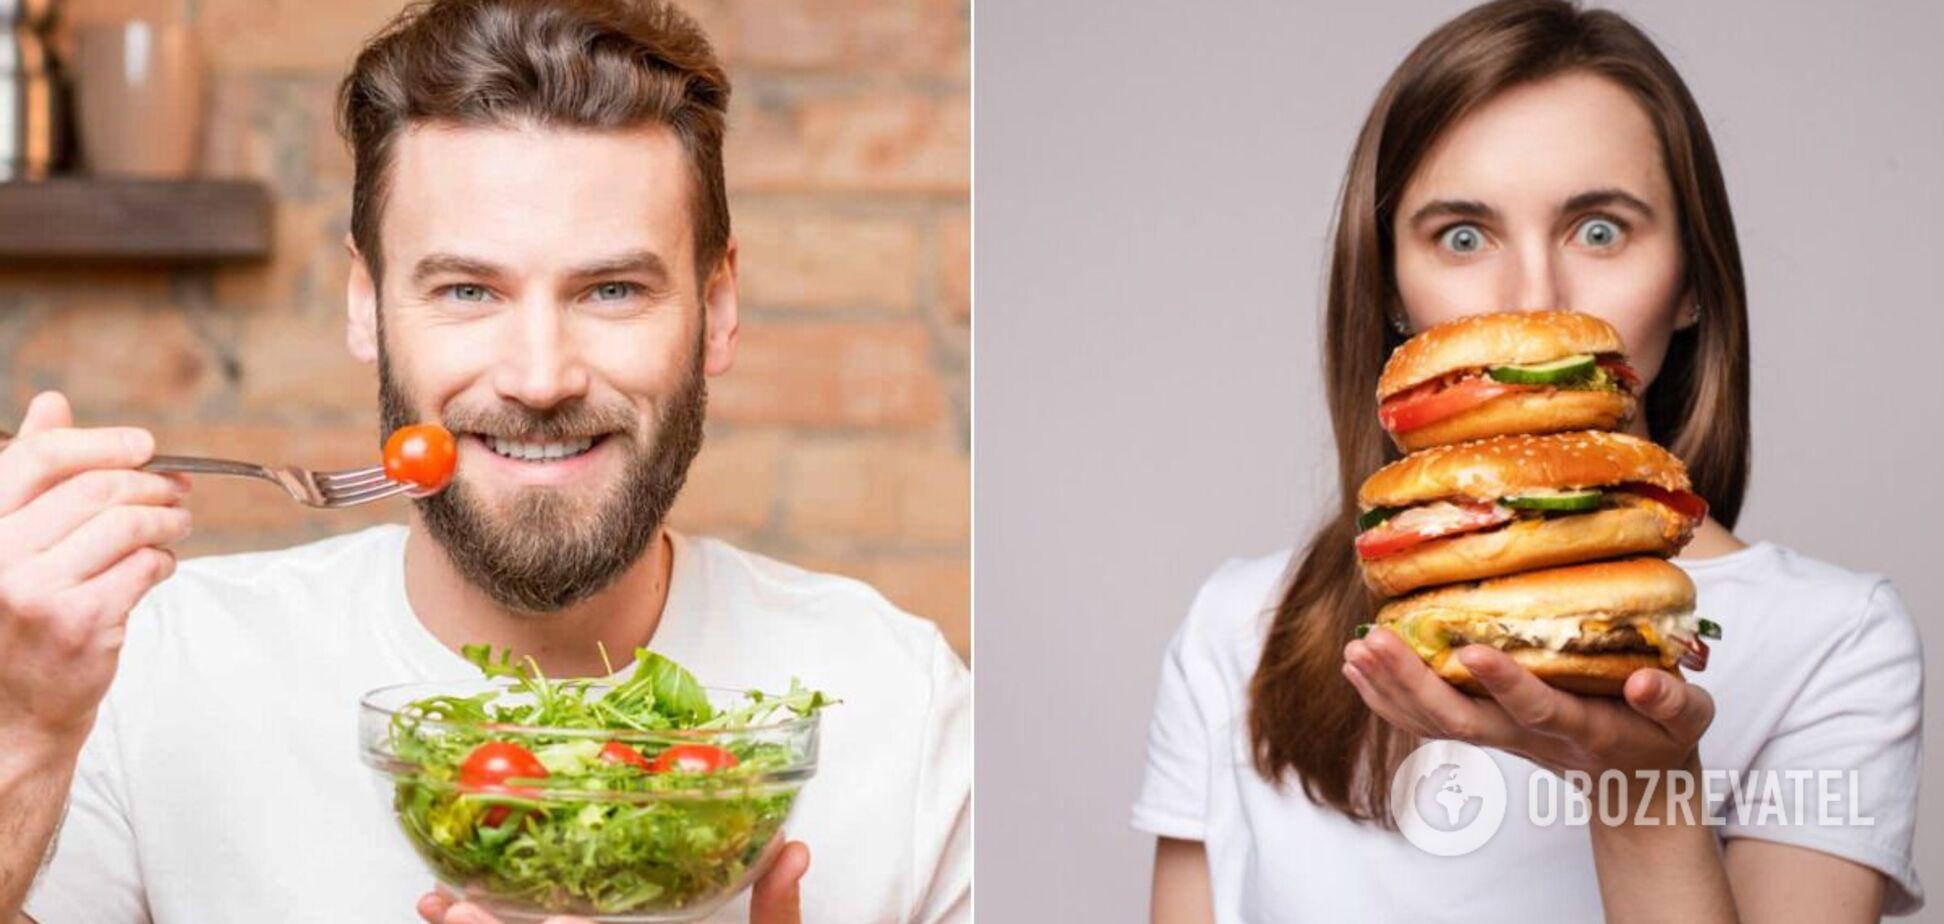 Як довжина пальців пов'язана з вибором їжі: знайдено незвичайний зв'язок